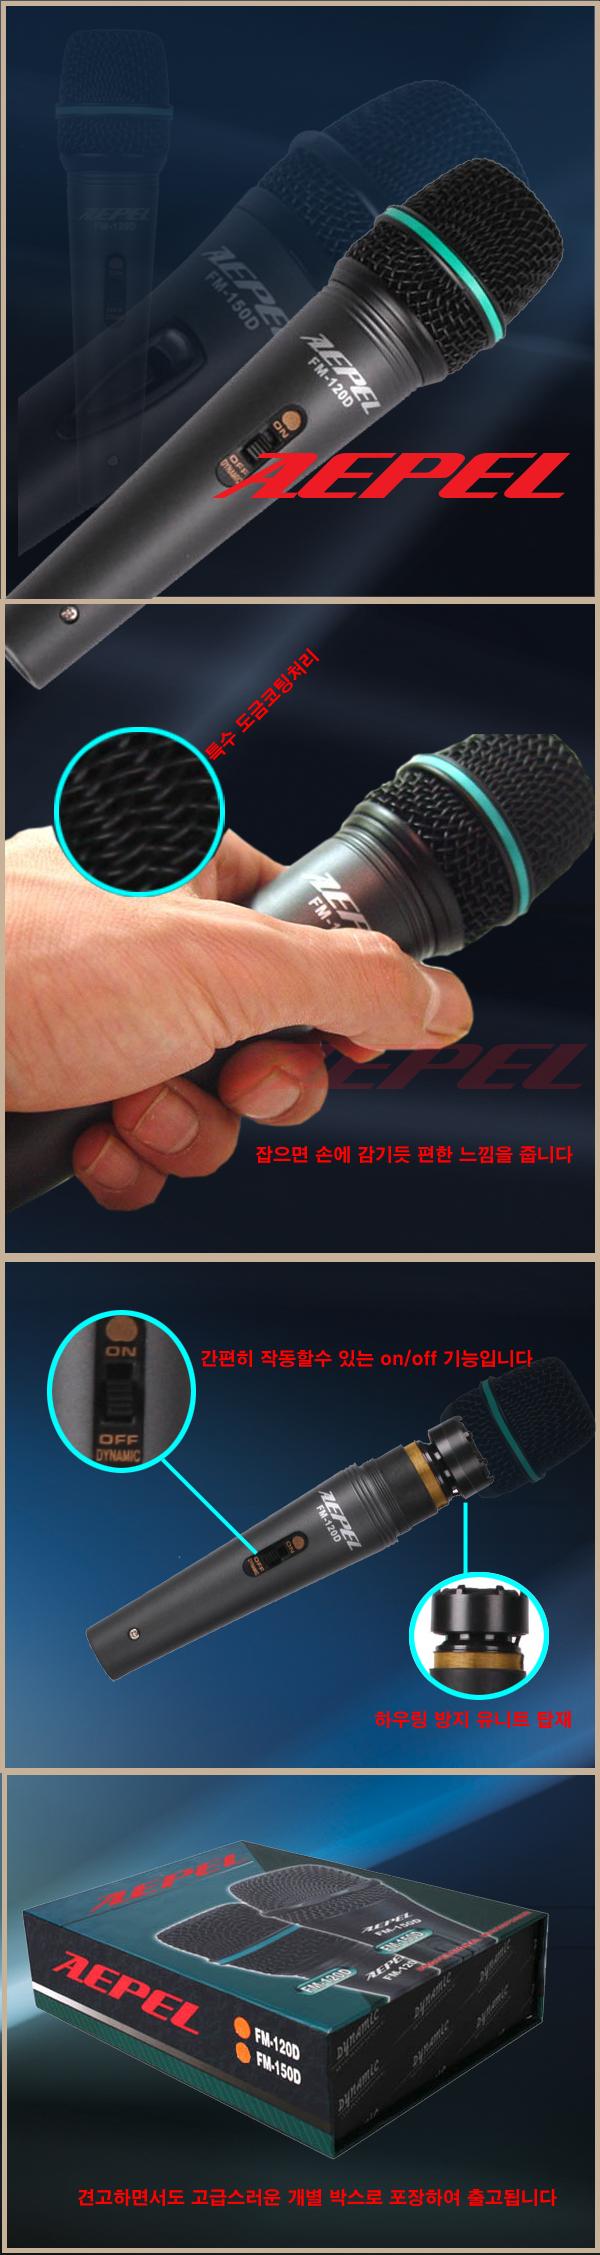 mic-karaoke-khong-day-fm120d-aepel-han-quoc_6fe8-so